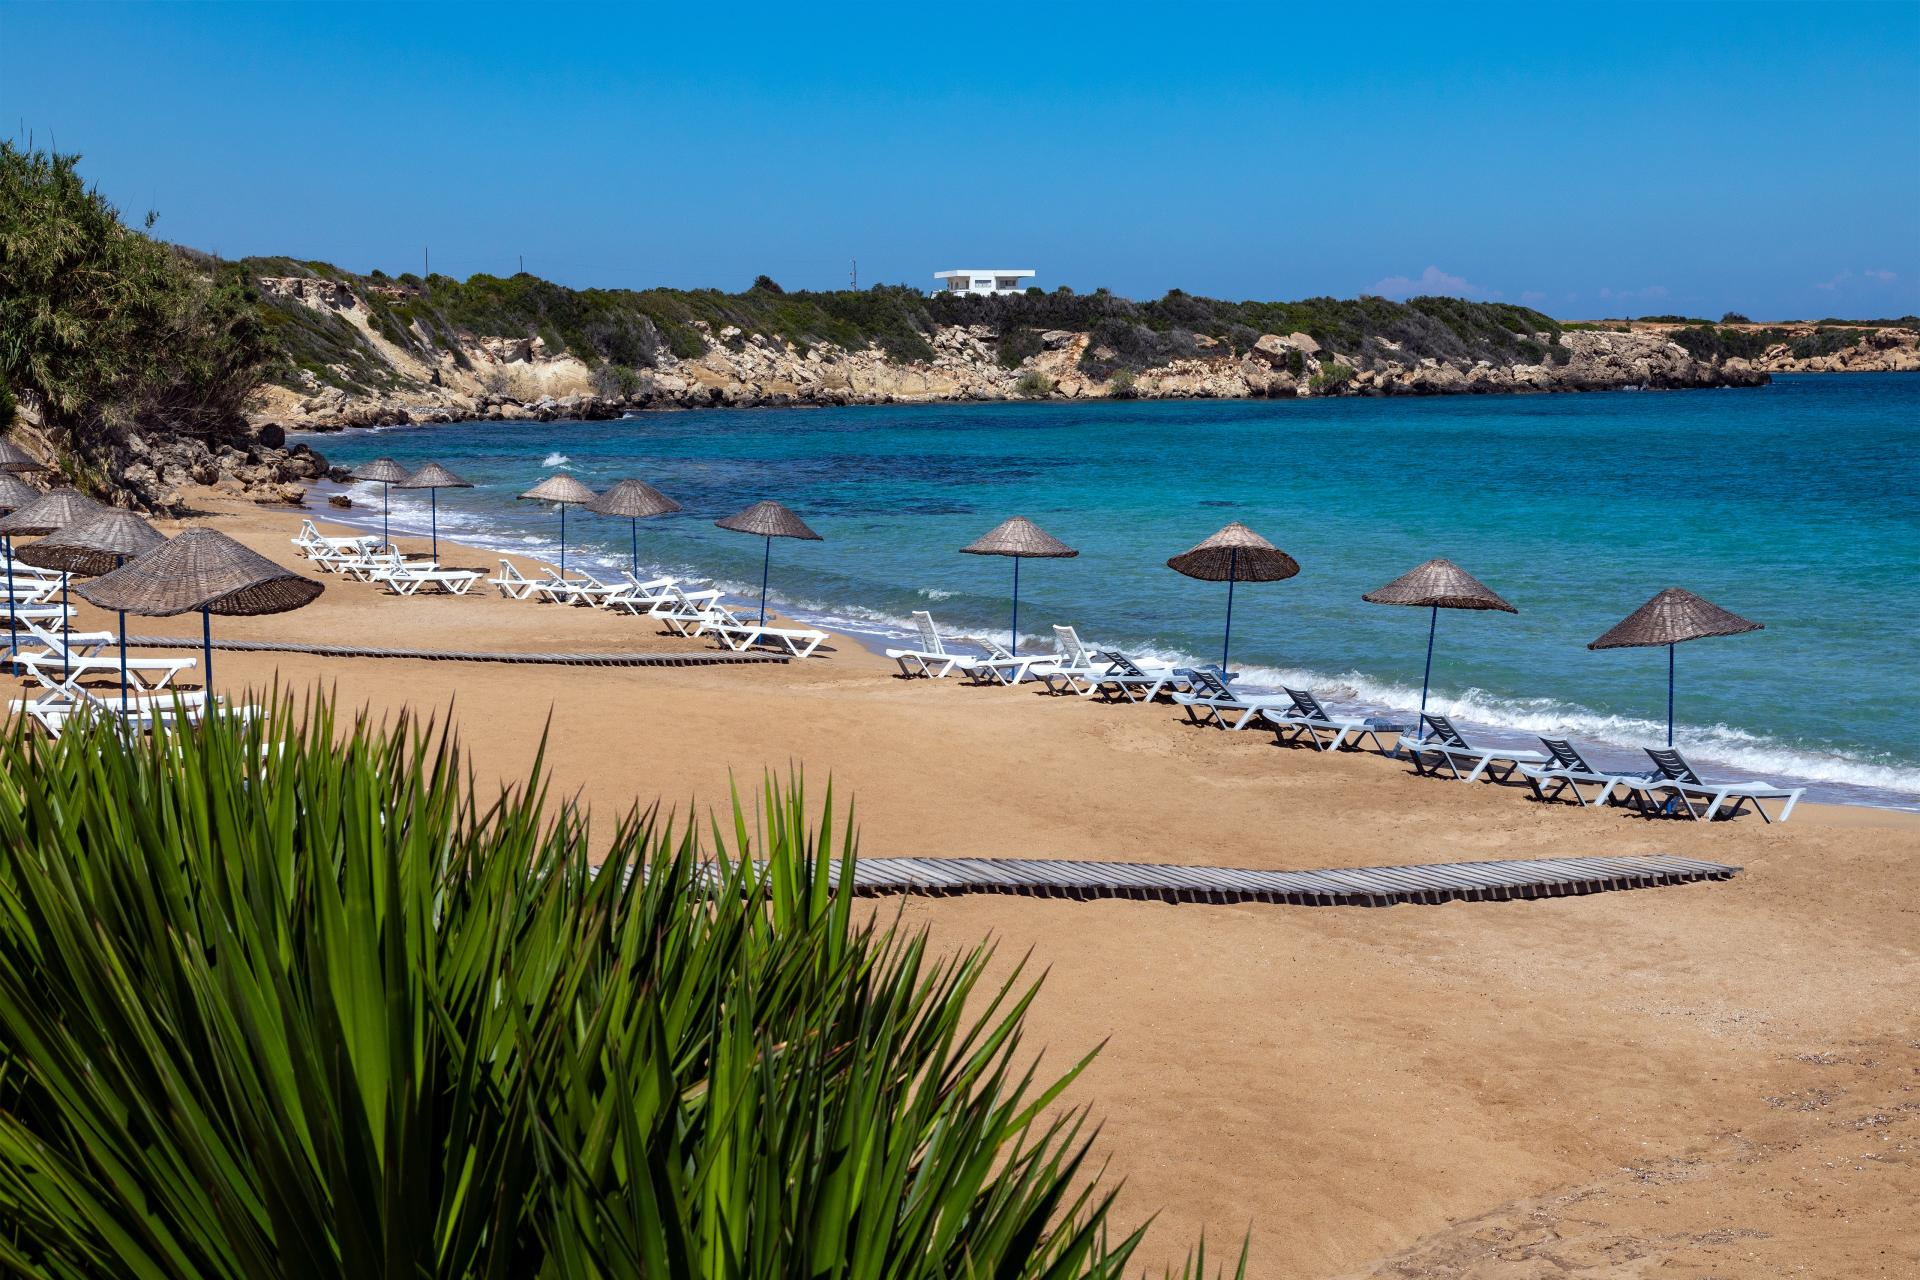 Słoneczna i piaszczysta plaża w Turcji